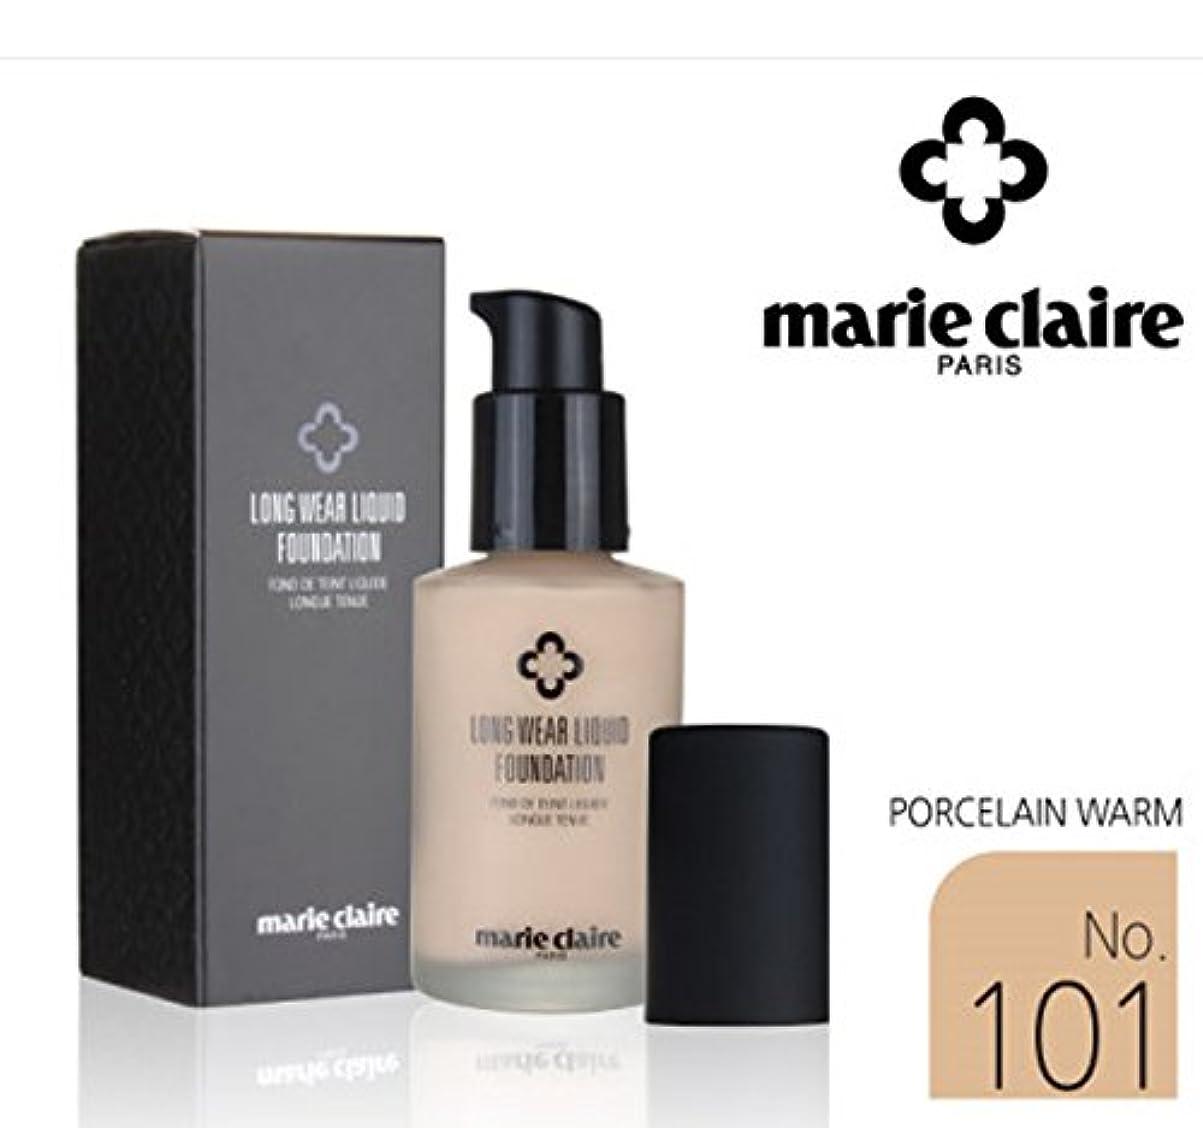 光景誰か受付[Marie Claire] ロング着用リキッドファンデーションSPF31 PA++30ml / Long Wear Liquid Foundation SPF31 PA ++ 30ml / NO.101 Porcelain Worm / NO.101磁器ワーム / 美白、シワ、紫外線 / whitening, wrinkles, UV ray / 韓国化粧品 / Korean Cosmetics [並行輸入品]